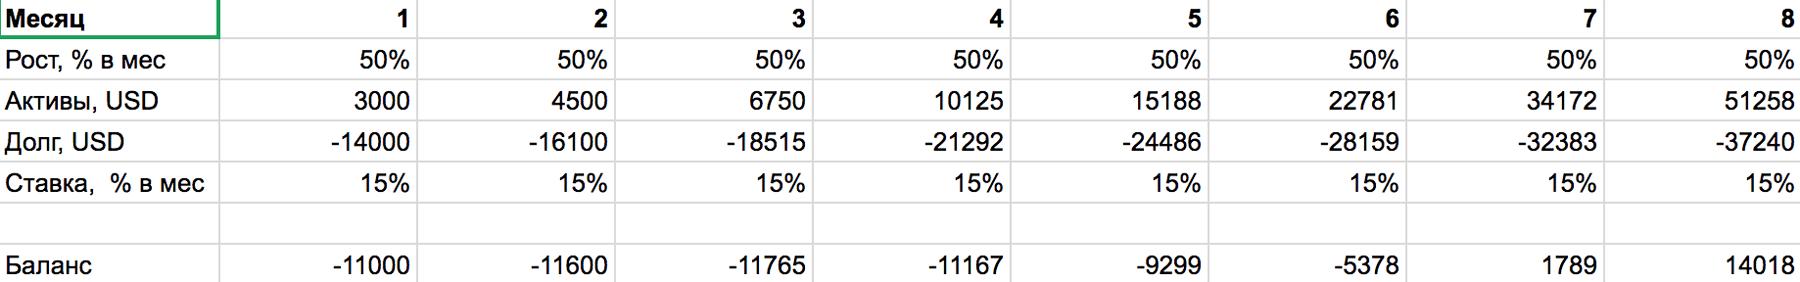 Примерный расчет: при ставке кредита 15% в месяц биткоин выведет вас в плюс через 7 месяцев только при росте на 50% в месяц. Это фантастика